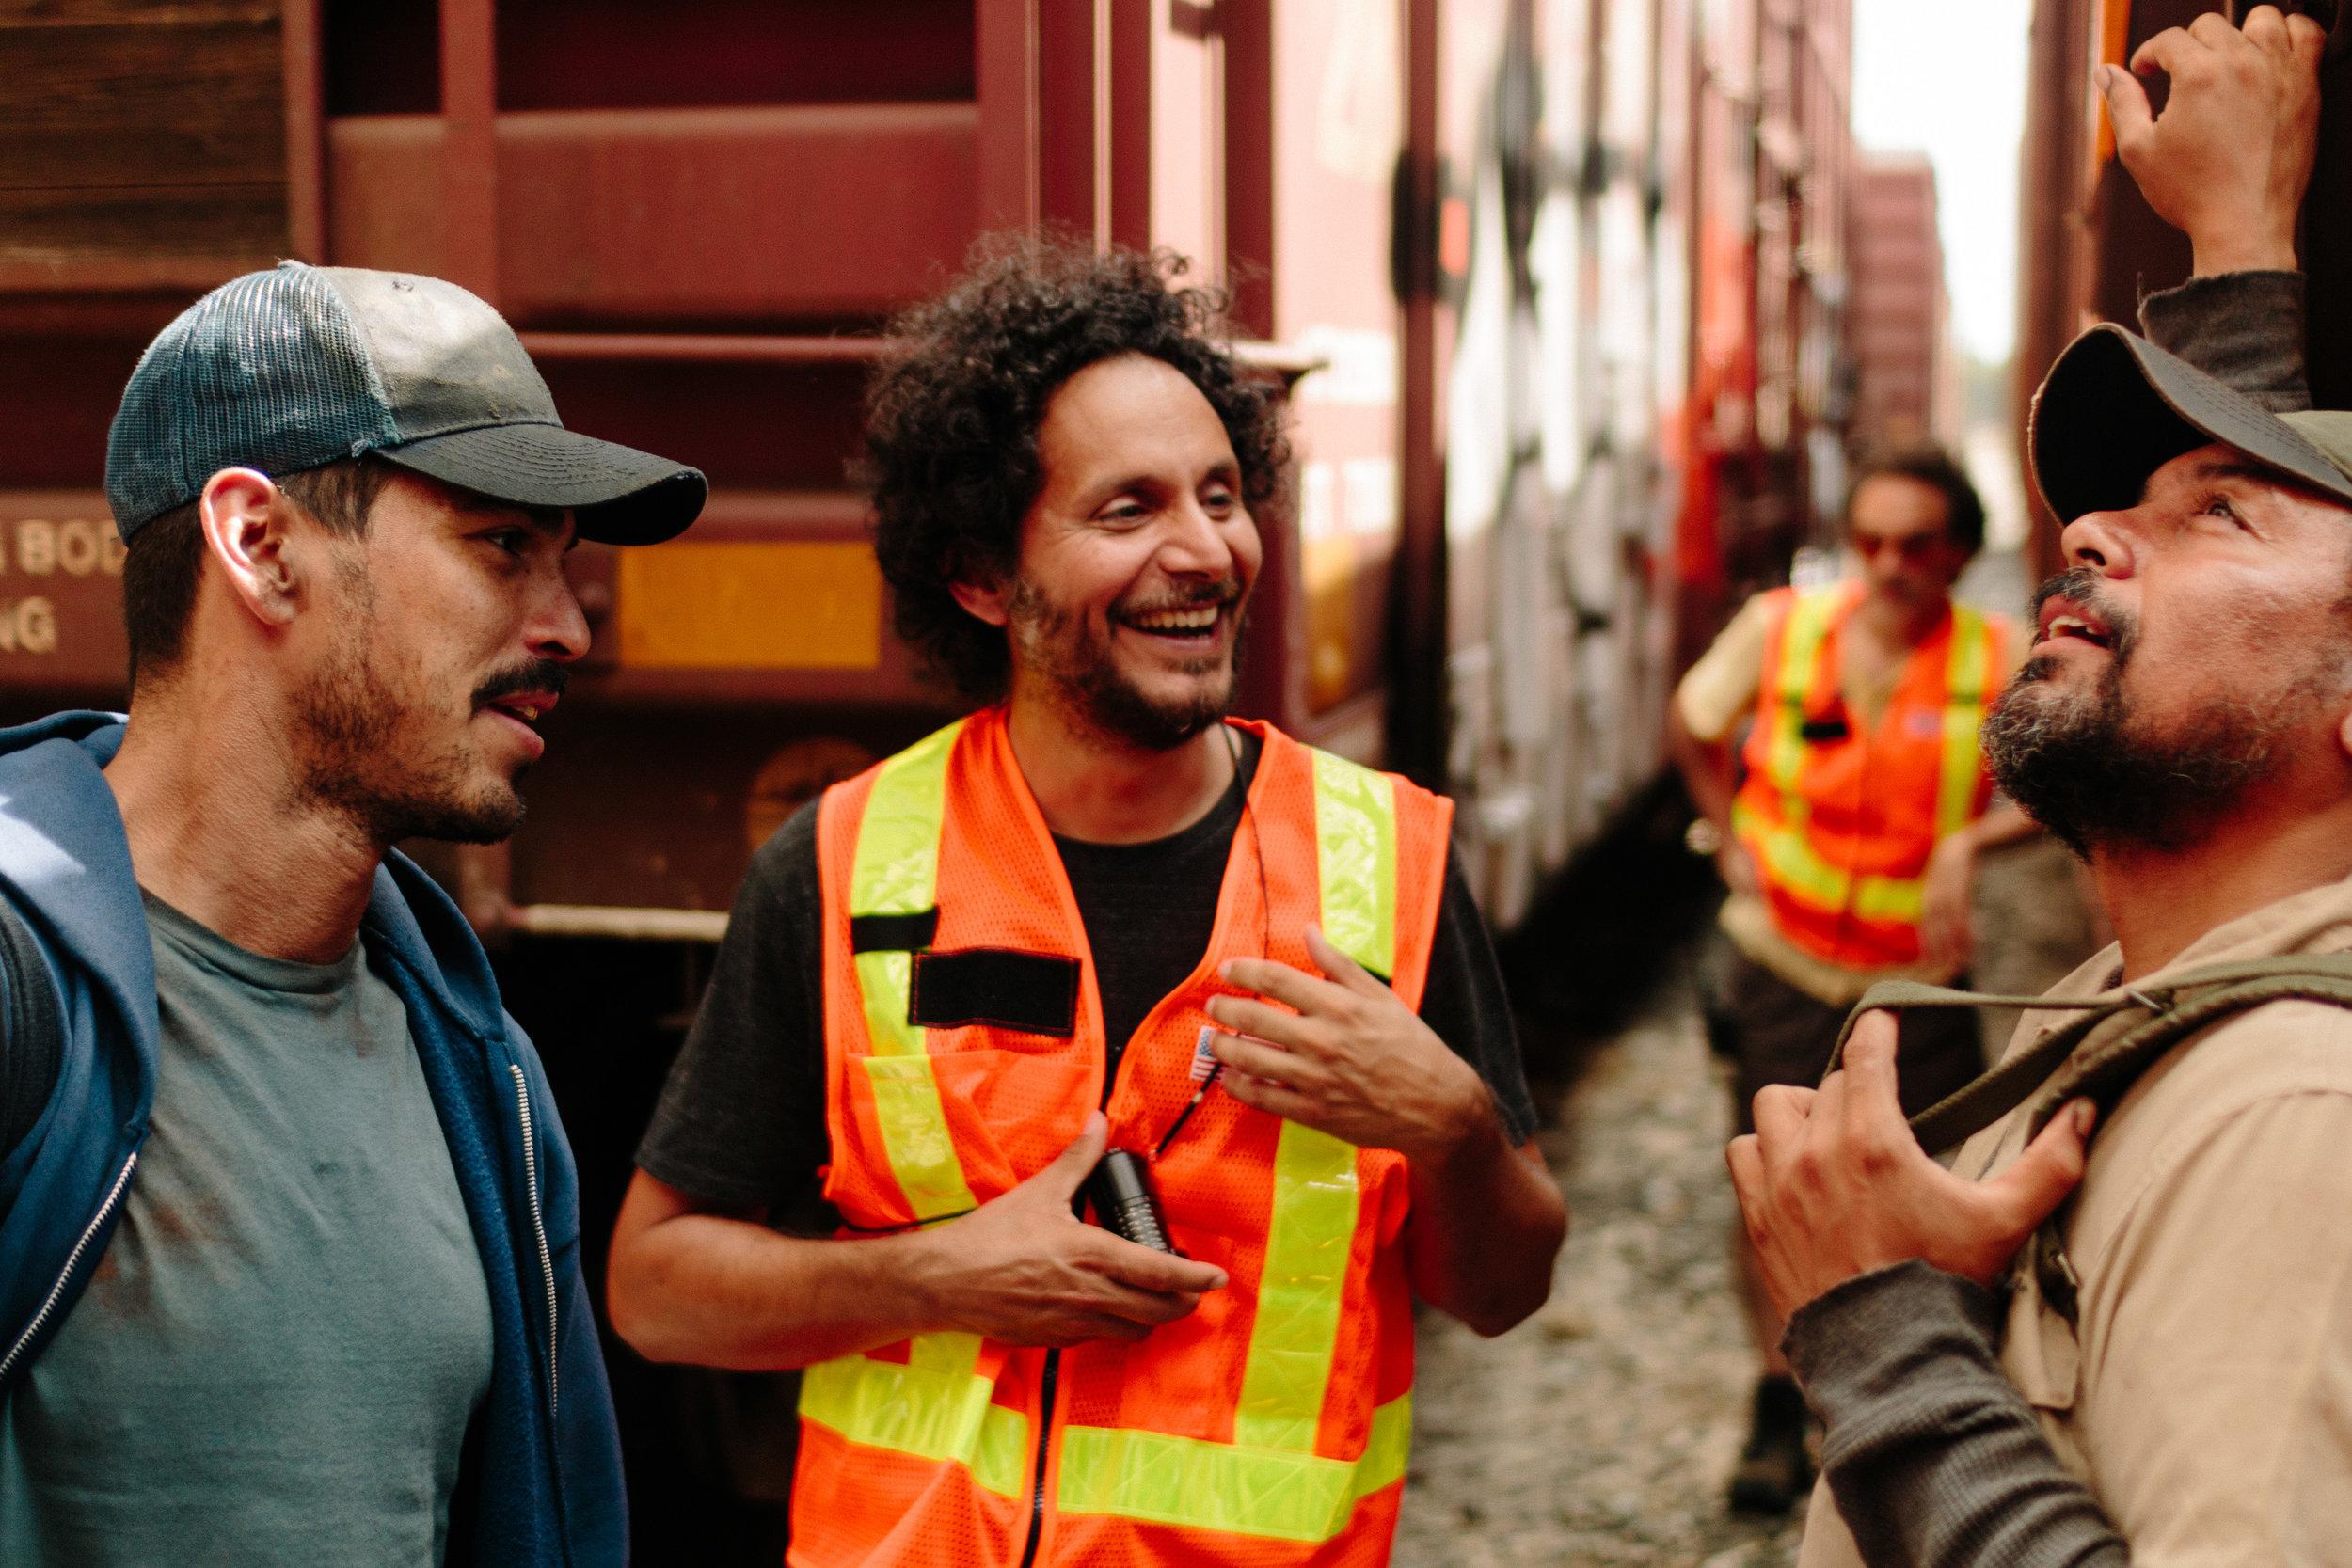 Raúl, Miguel, and Felix.